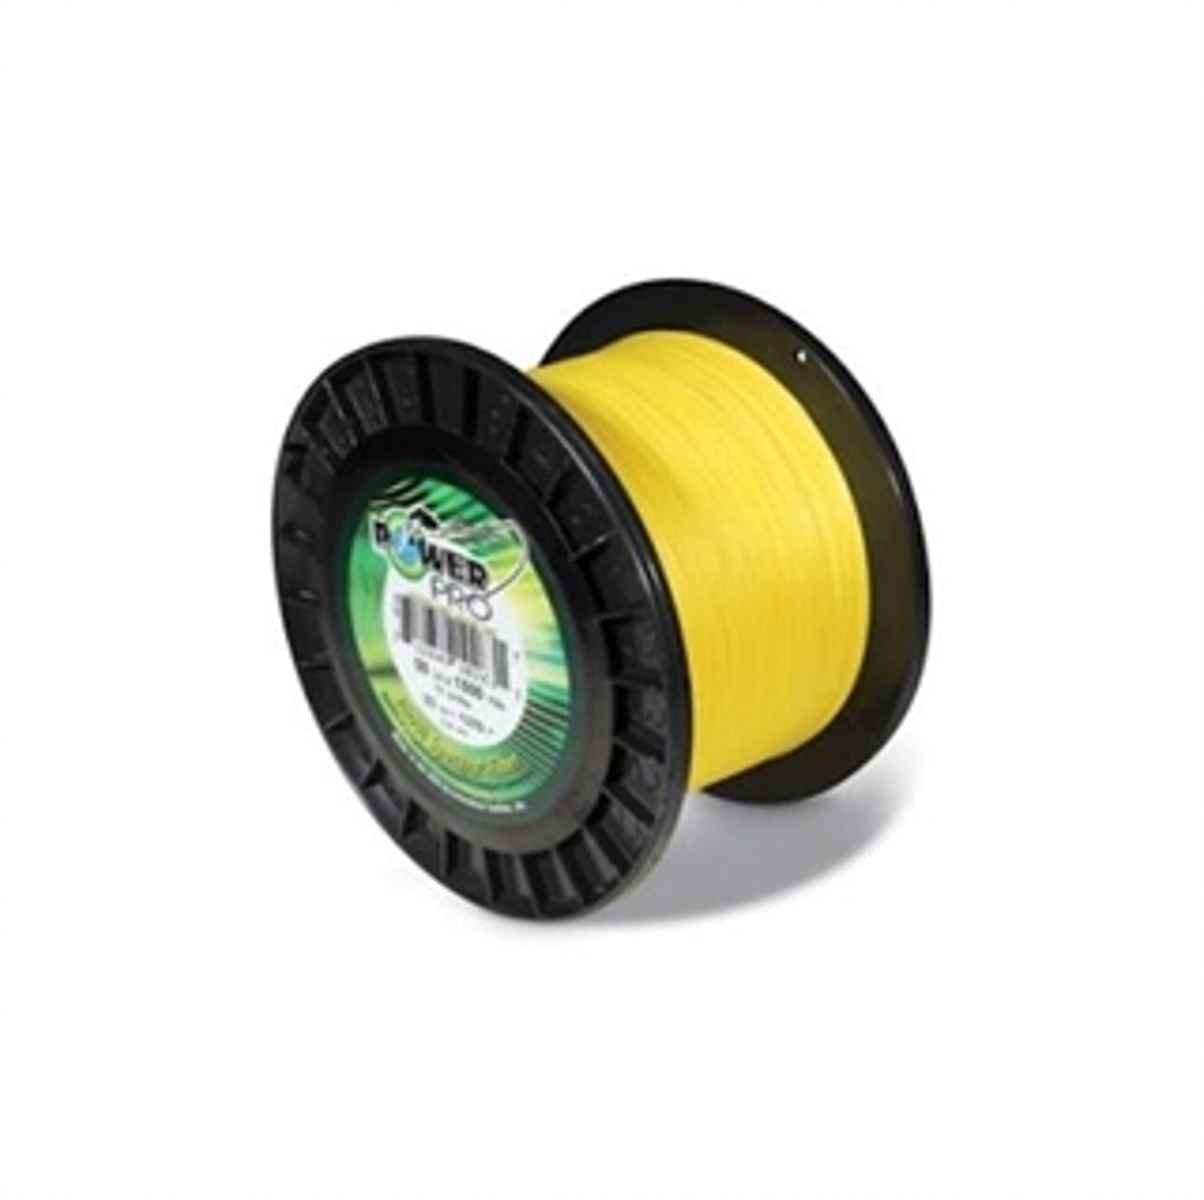 最新な PowerPro Spectra Spectra ブレイドライン B0015NFCOK 65-3000 イエロー(Hi-Vis Yellow) Yellow) イエロー(Hi-Vis イエロー(Hi-Vis Yellow) 65-3000, 甲良町:b0944e17 --- a0267596.xsph.ru